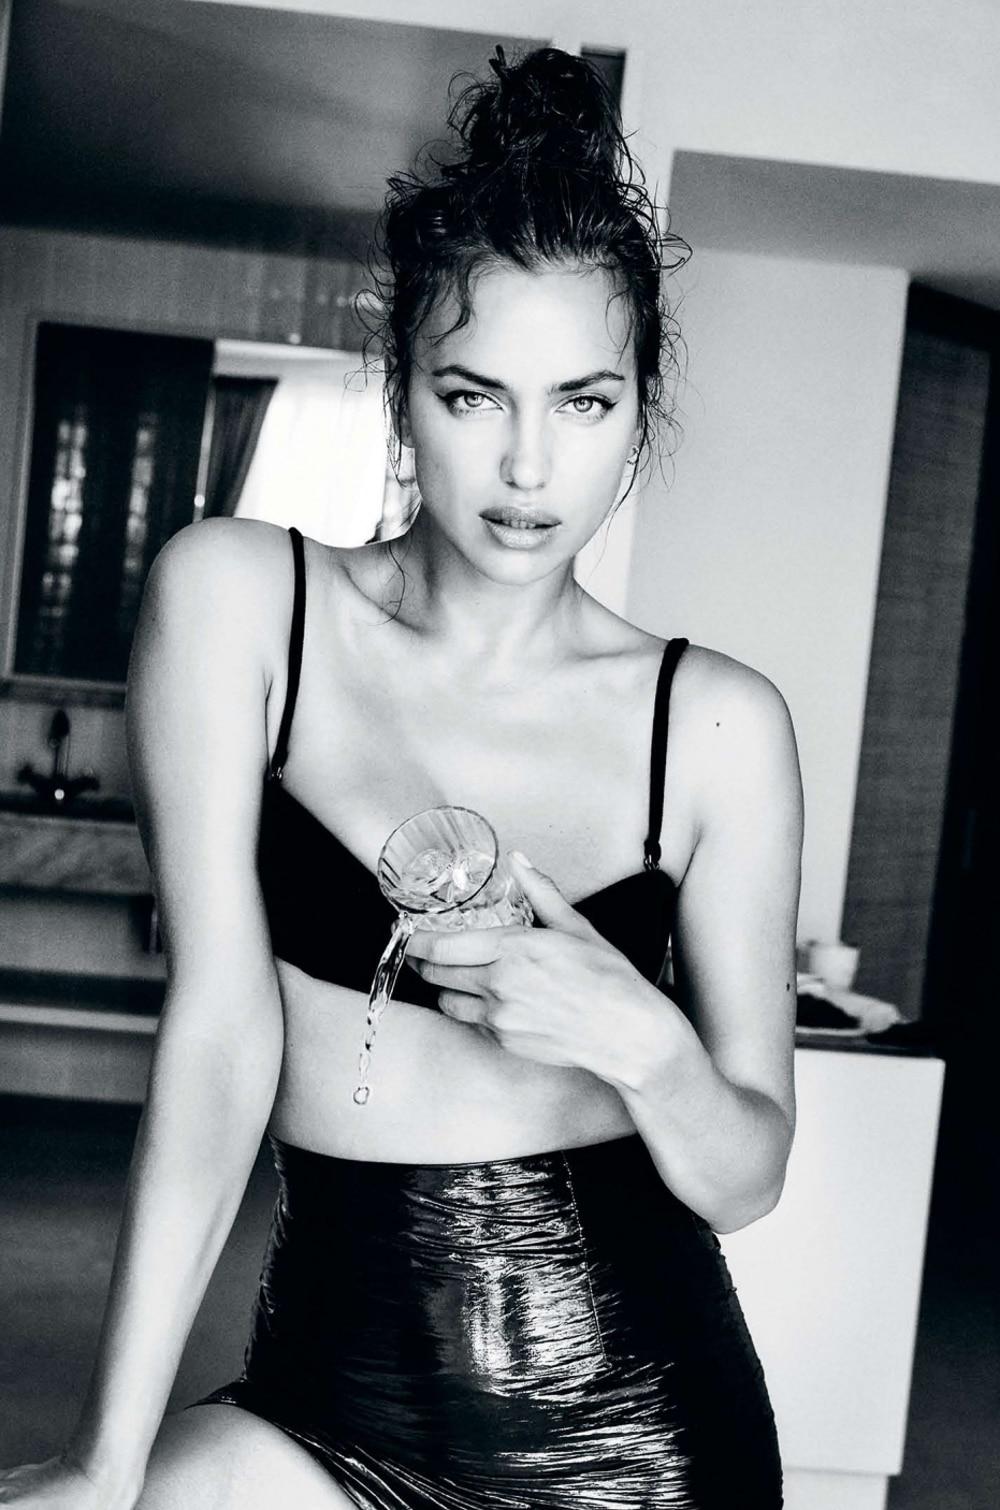 Irina-Shayk-Evening-Standard-Magazine-Ellen-von-Unwerth-8.jpg